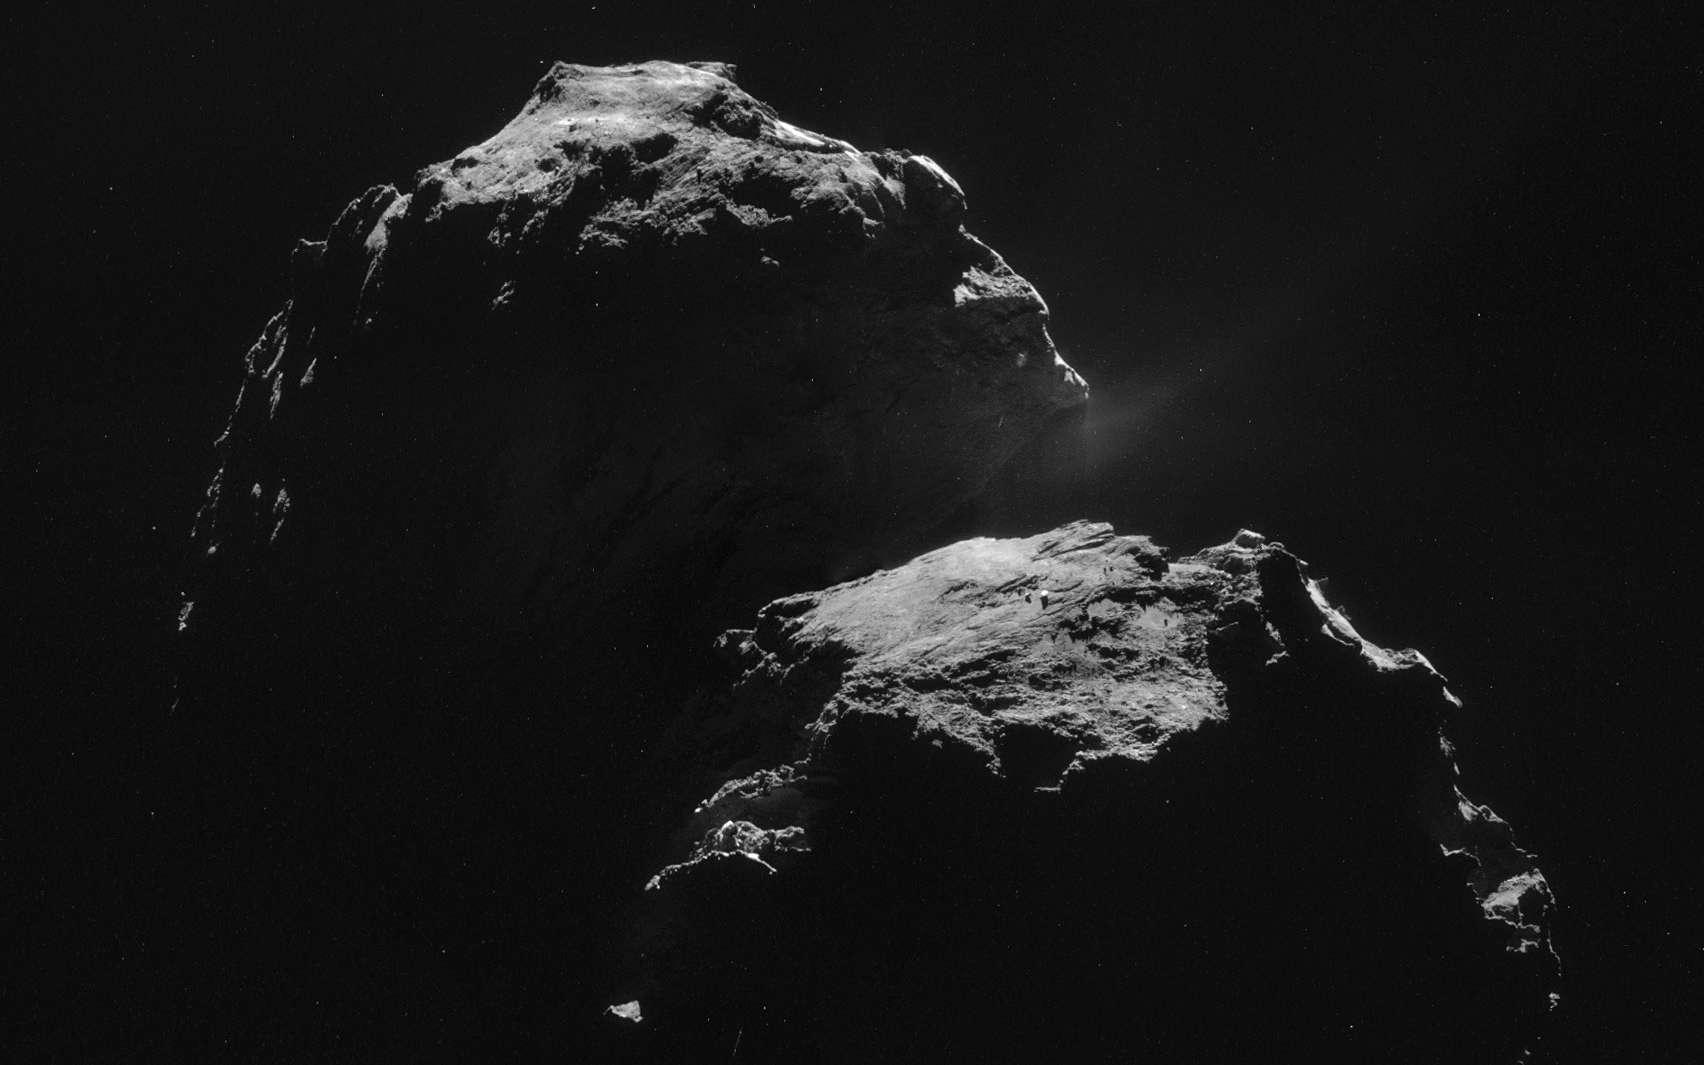 Cette image composite de la comète Churyumov-Gerasimenko, un assemblage de quatre vues, a été acquise par la sonde Rosetta depuis une distance de 31,8 kilomètres. Elle montre des détails d'un peu moins de 10 mètres (2,7 m par pixel). © Esa/Rosetta/Navcam